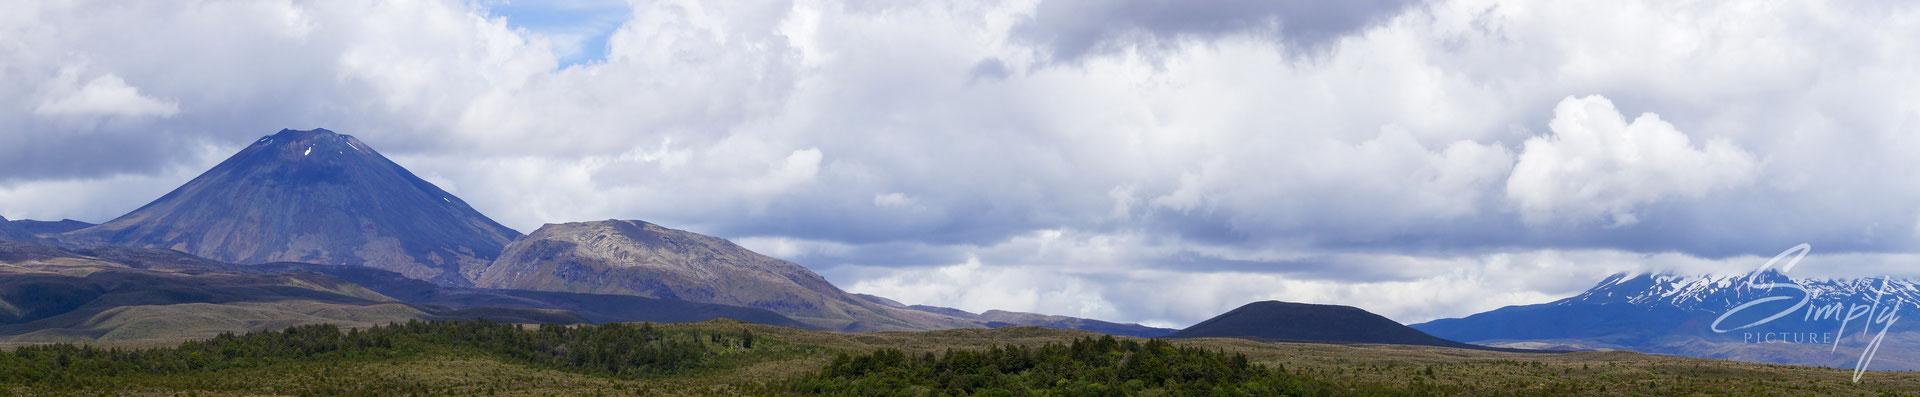 Otukou Road, Mount Ngauruhoe, Panoramasicht auf die Vulkane der Nordinsel mit etwas Schnee